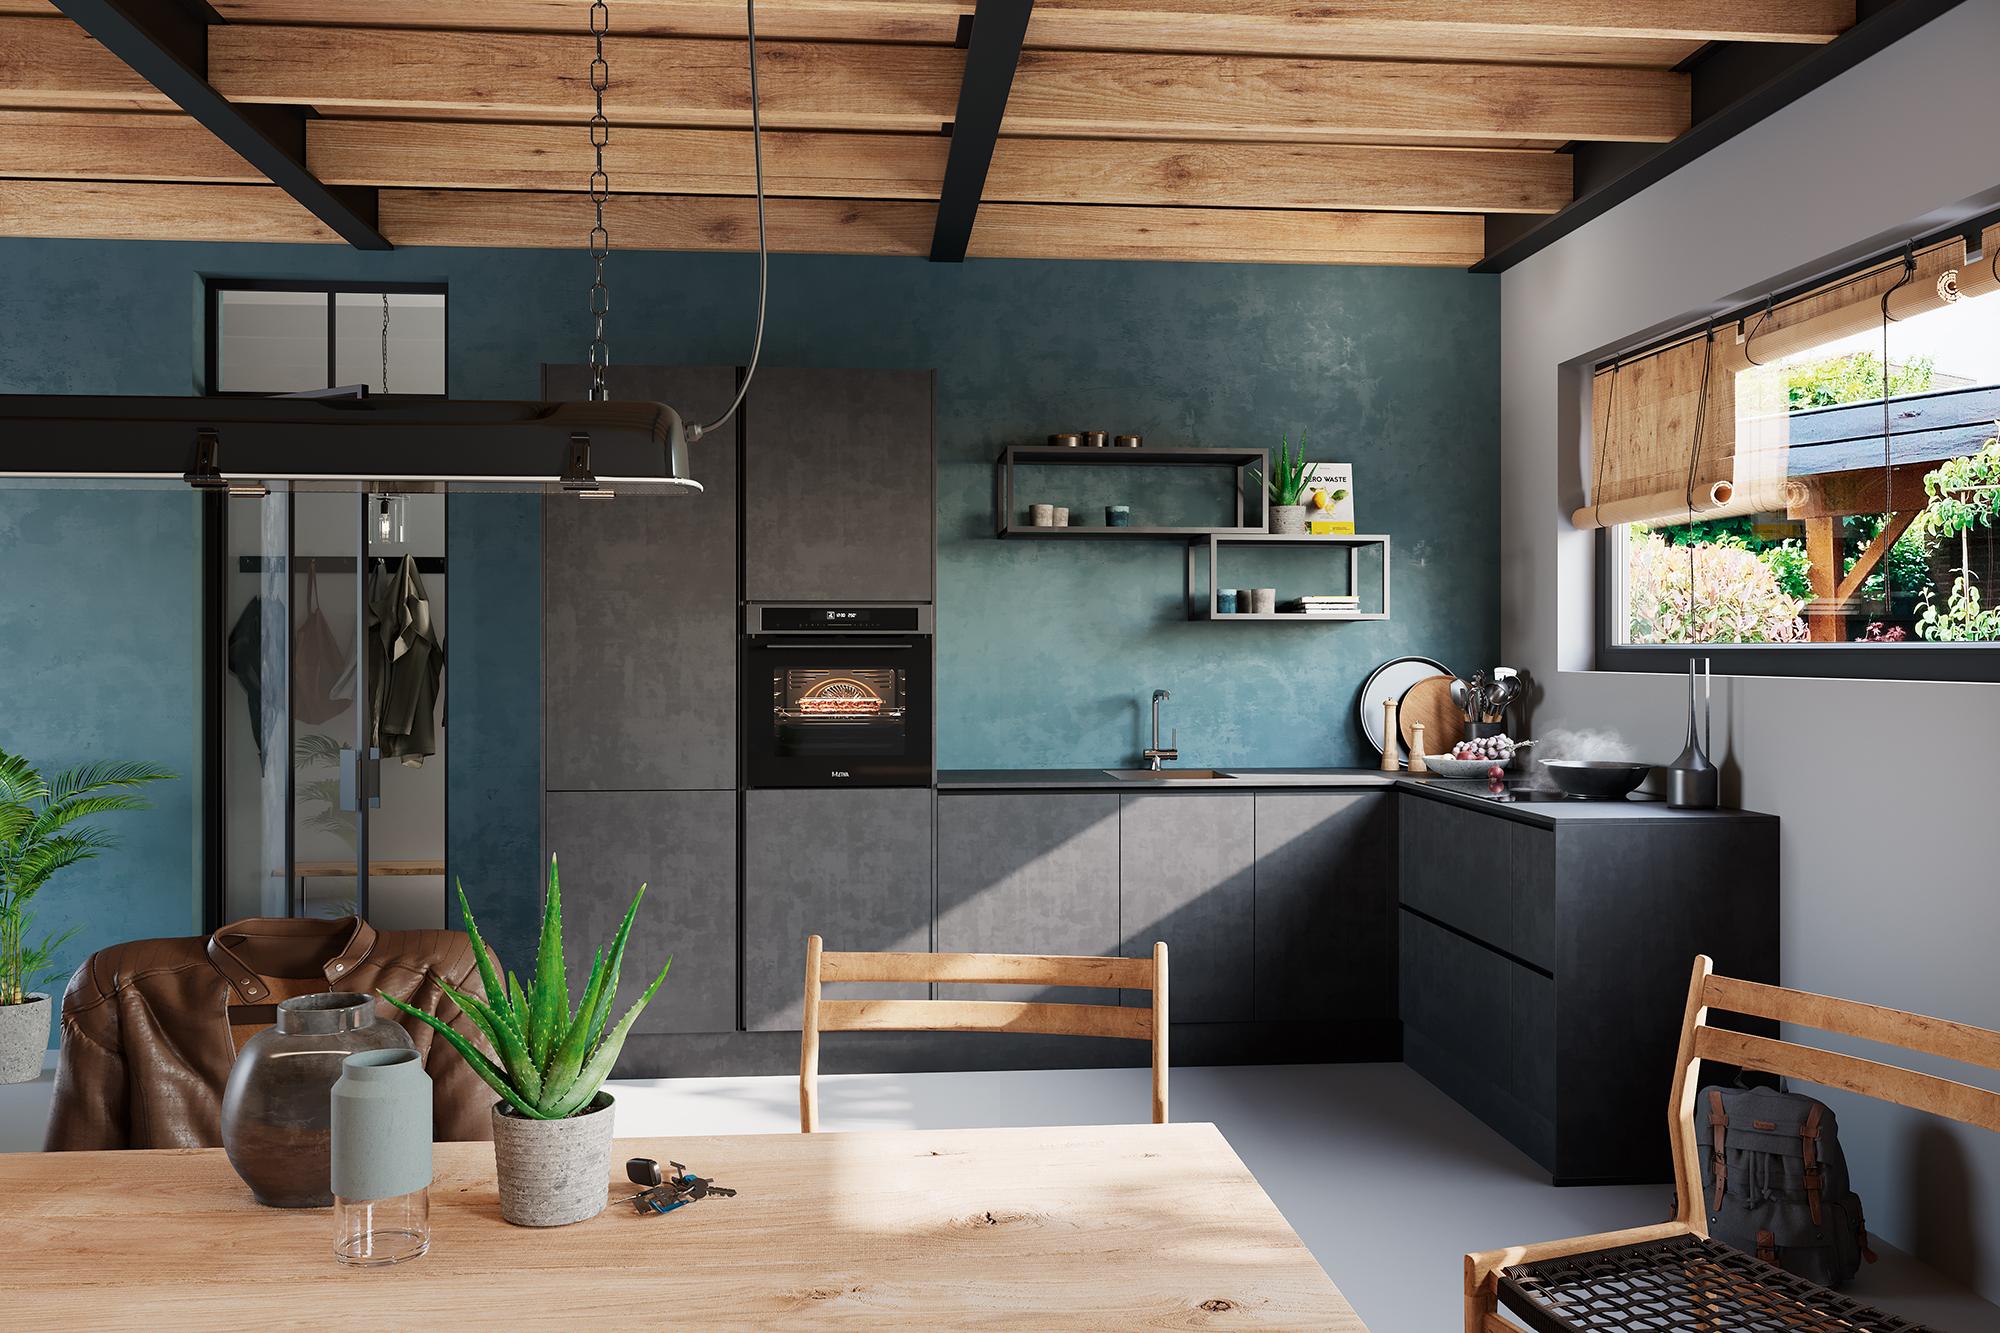 Grijze keuken met betonlook van Superkeukens. Rodez Beton Terra Grau #keuken #keukeninspiratie #superkeukens #keukentrends #grijzekeuken #keukeninspiratie